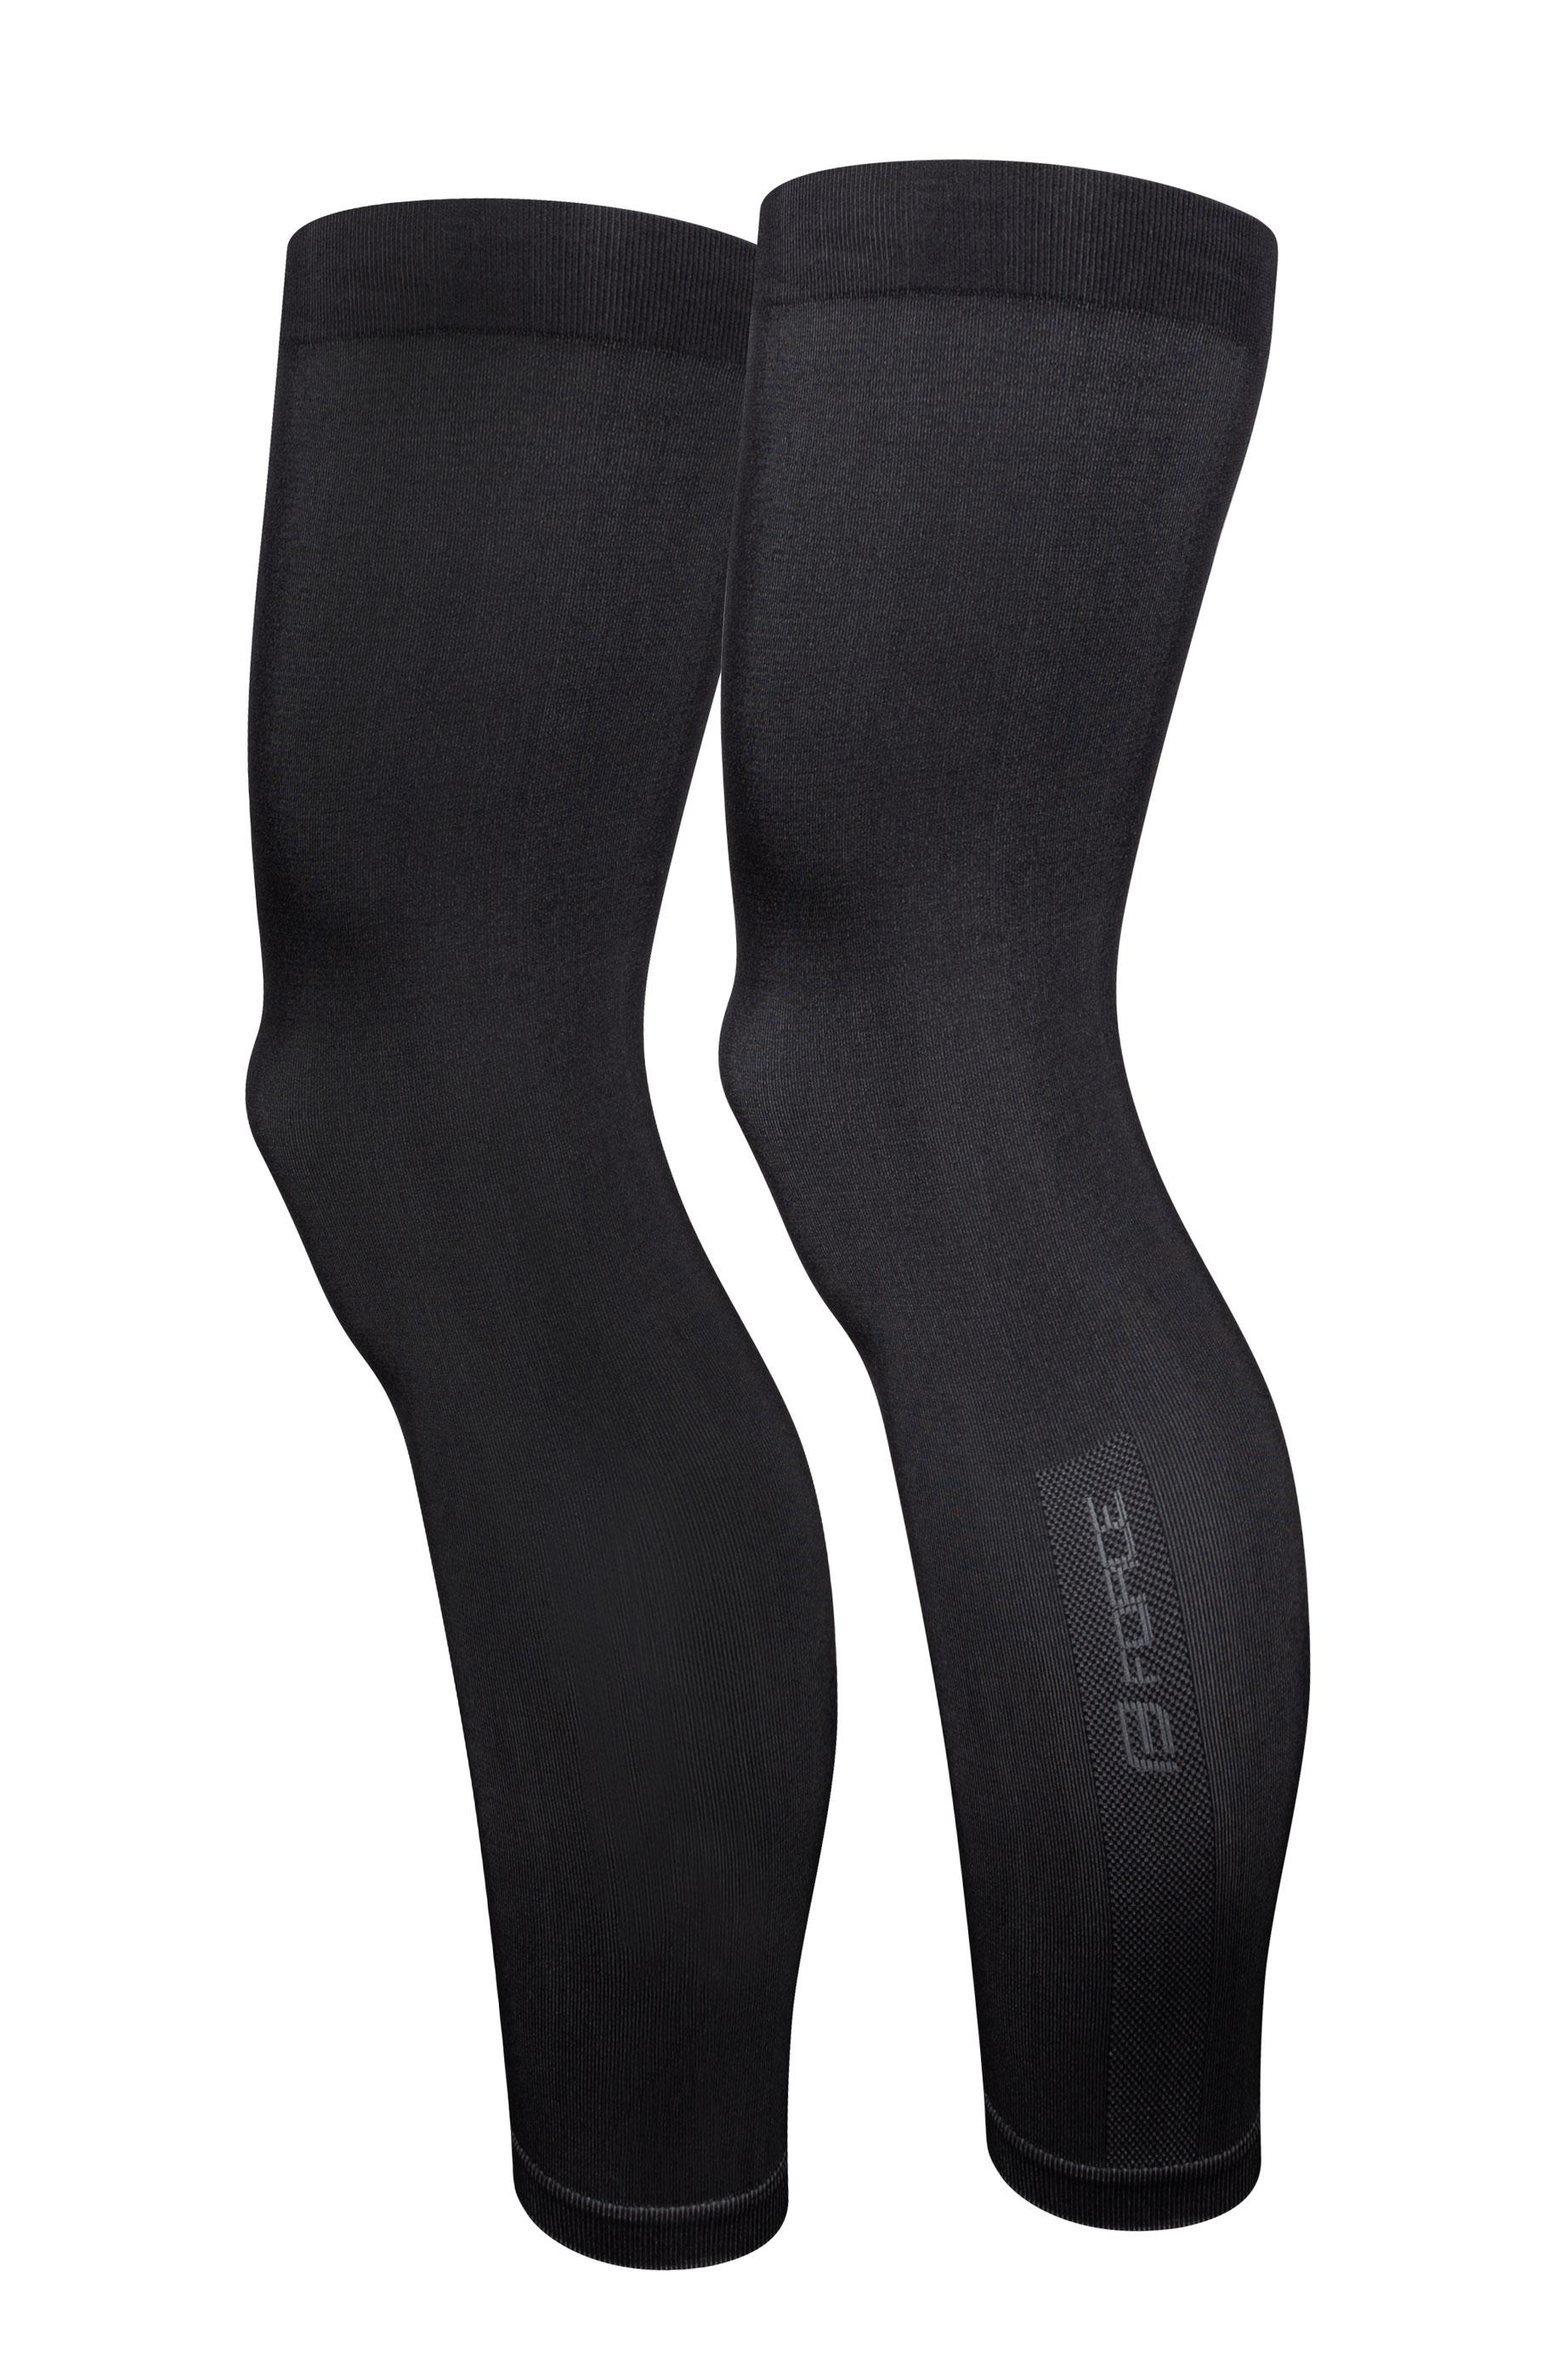 návleky na nohy F BREEZE pletené, černé XS-S